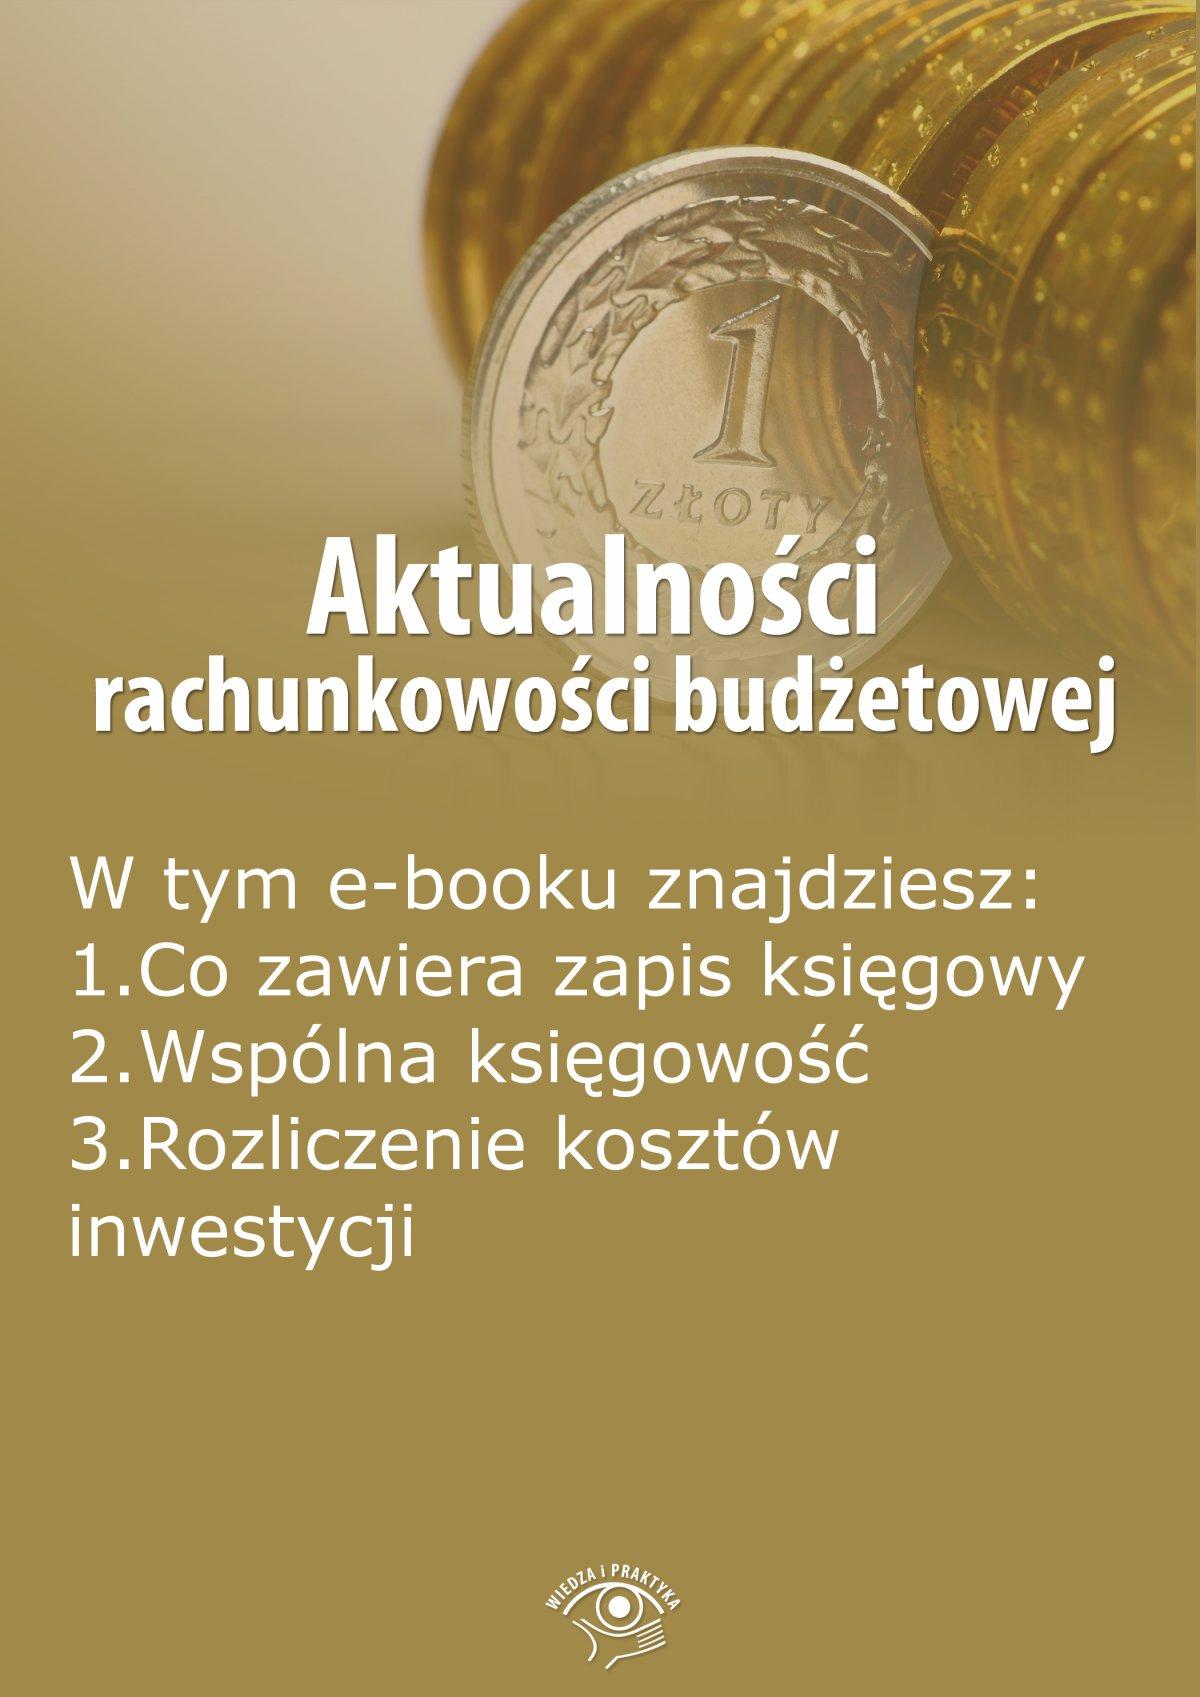 Aktualności rachunkowości budżetowej, wydanie październik 2015 r. - Ebook (Książka EPUB) do pobrania w formacie EPUB